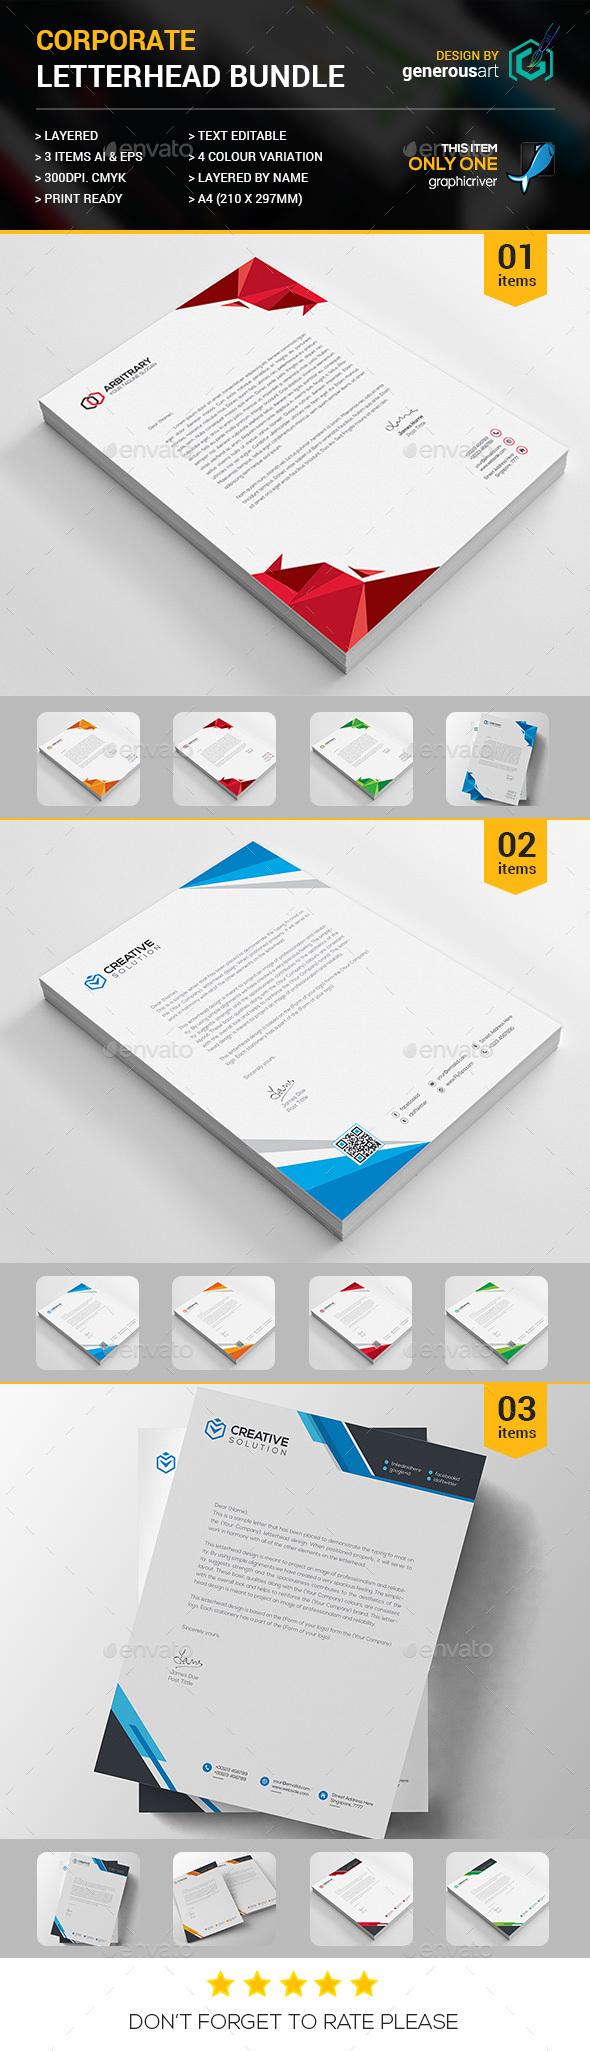 Letterhead Bundle 3 in 1